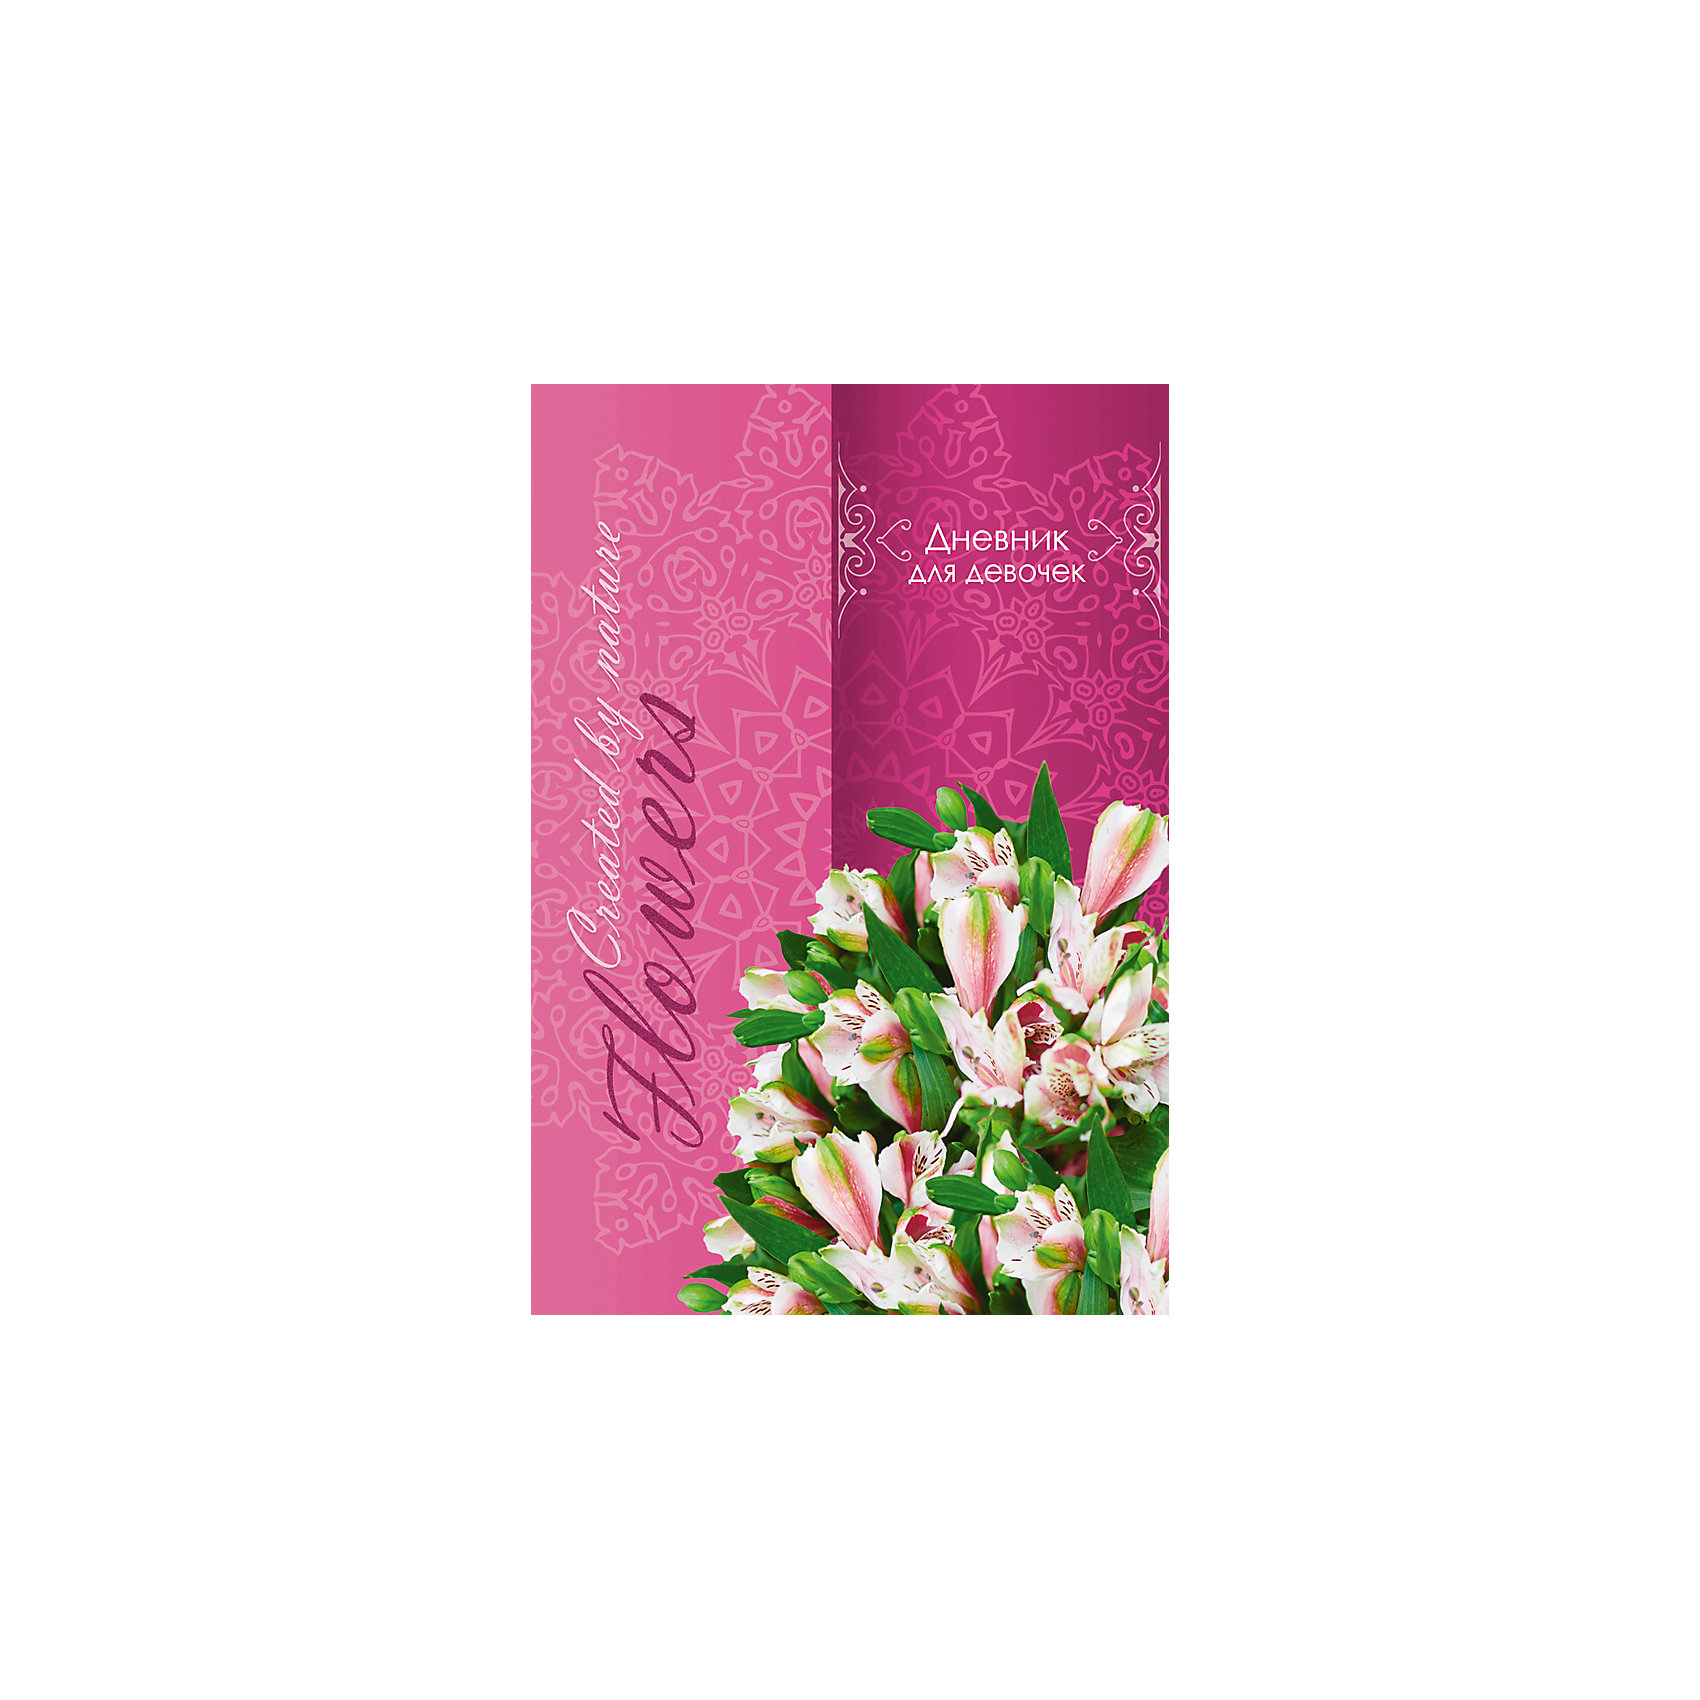 Дневник для девочек в твердом переплете формата А5, декорированном глиттером Цветы. 80 листовБумажная продукция<br>Характеристики товара:<br><br>• возраст: от 6 лет;<br>• цвет: розовый;<br>• формат: А5;<br>• количество листов: 80;<br>• разметка: в линейку;<br>• бумага: офсетная;<br>• переплет: твердый;<br>• обложка: картон;<br>• размер: 21,5х17х0,5 см.;<br>• вес: 225 гр.;<br>• страна бренда: Россия;<br>• страна изготовитель: Россия.<br><br>Дневник для девочек в твердом переплете формата А5, декорированном глиттером «Цветы» поможет  записать яркие воспоминания или события из жизни, о которых не хотелось бы забывать, и ему можно доверить самые сокровенные мысли и желания.  <br><br>Имеет сшитый внутренний блок, состоящий из 80 листов тонированной бумаги плотностью 70г/кв.м. Прочная и приятная на ощупь обложка выполнена с использованием итальянских переплетных материалов, а оригинальный дизайн с блестками и рисунком придется по душе вашему ребенку и станет приятным подарком.<br><br>В дневнике на разноцветных страницах представлены гороскопы и описание характерных черт, присущих различным знакам зодиака, и различные тематические странички.<br><br>Дневник для девочек в твердом переплете формата А5, декорированном глиттером «Цветы», 80 листов, можно купить в нашем интернет-магазине.<br><br>Ширина мм: 206<br>Глубина мм: 146<br>Высота мм: 11<br>Вес г: 225<br>Возраст от месяцев: 36<br>Возраст до месяцев: 216<br>Пол: Женский<br>Возраст: Детский<br>SKU: 6992559